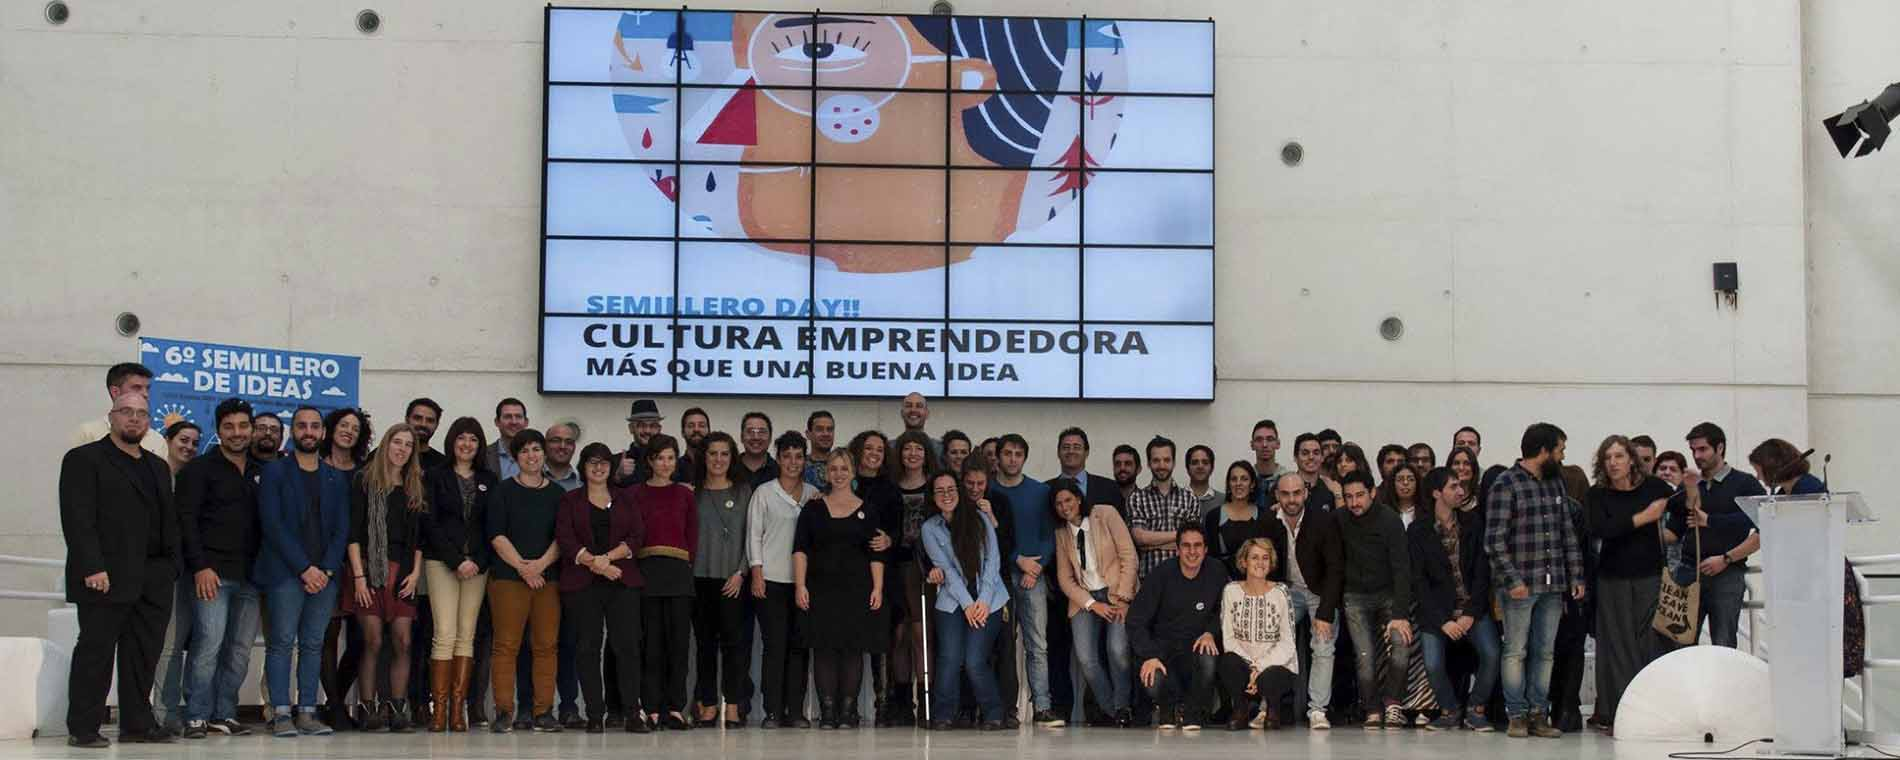 Don-Diseño-Acerca-De-Semillero-de-ideas-Zaragoza-Activa-2015